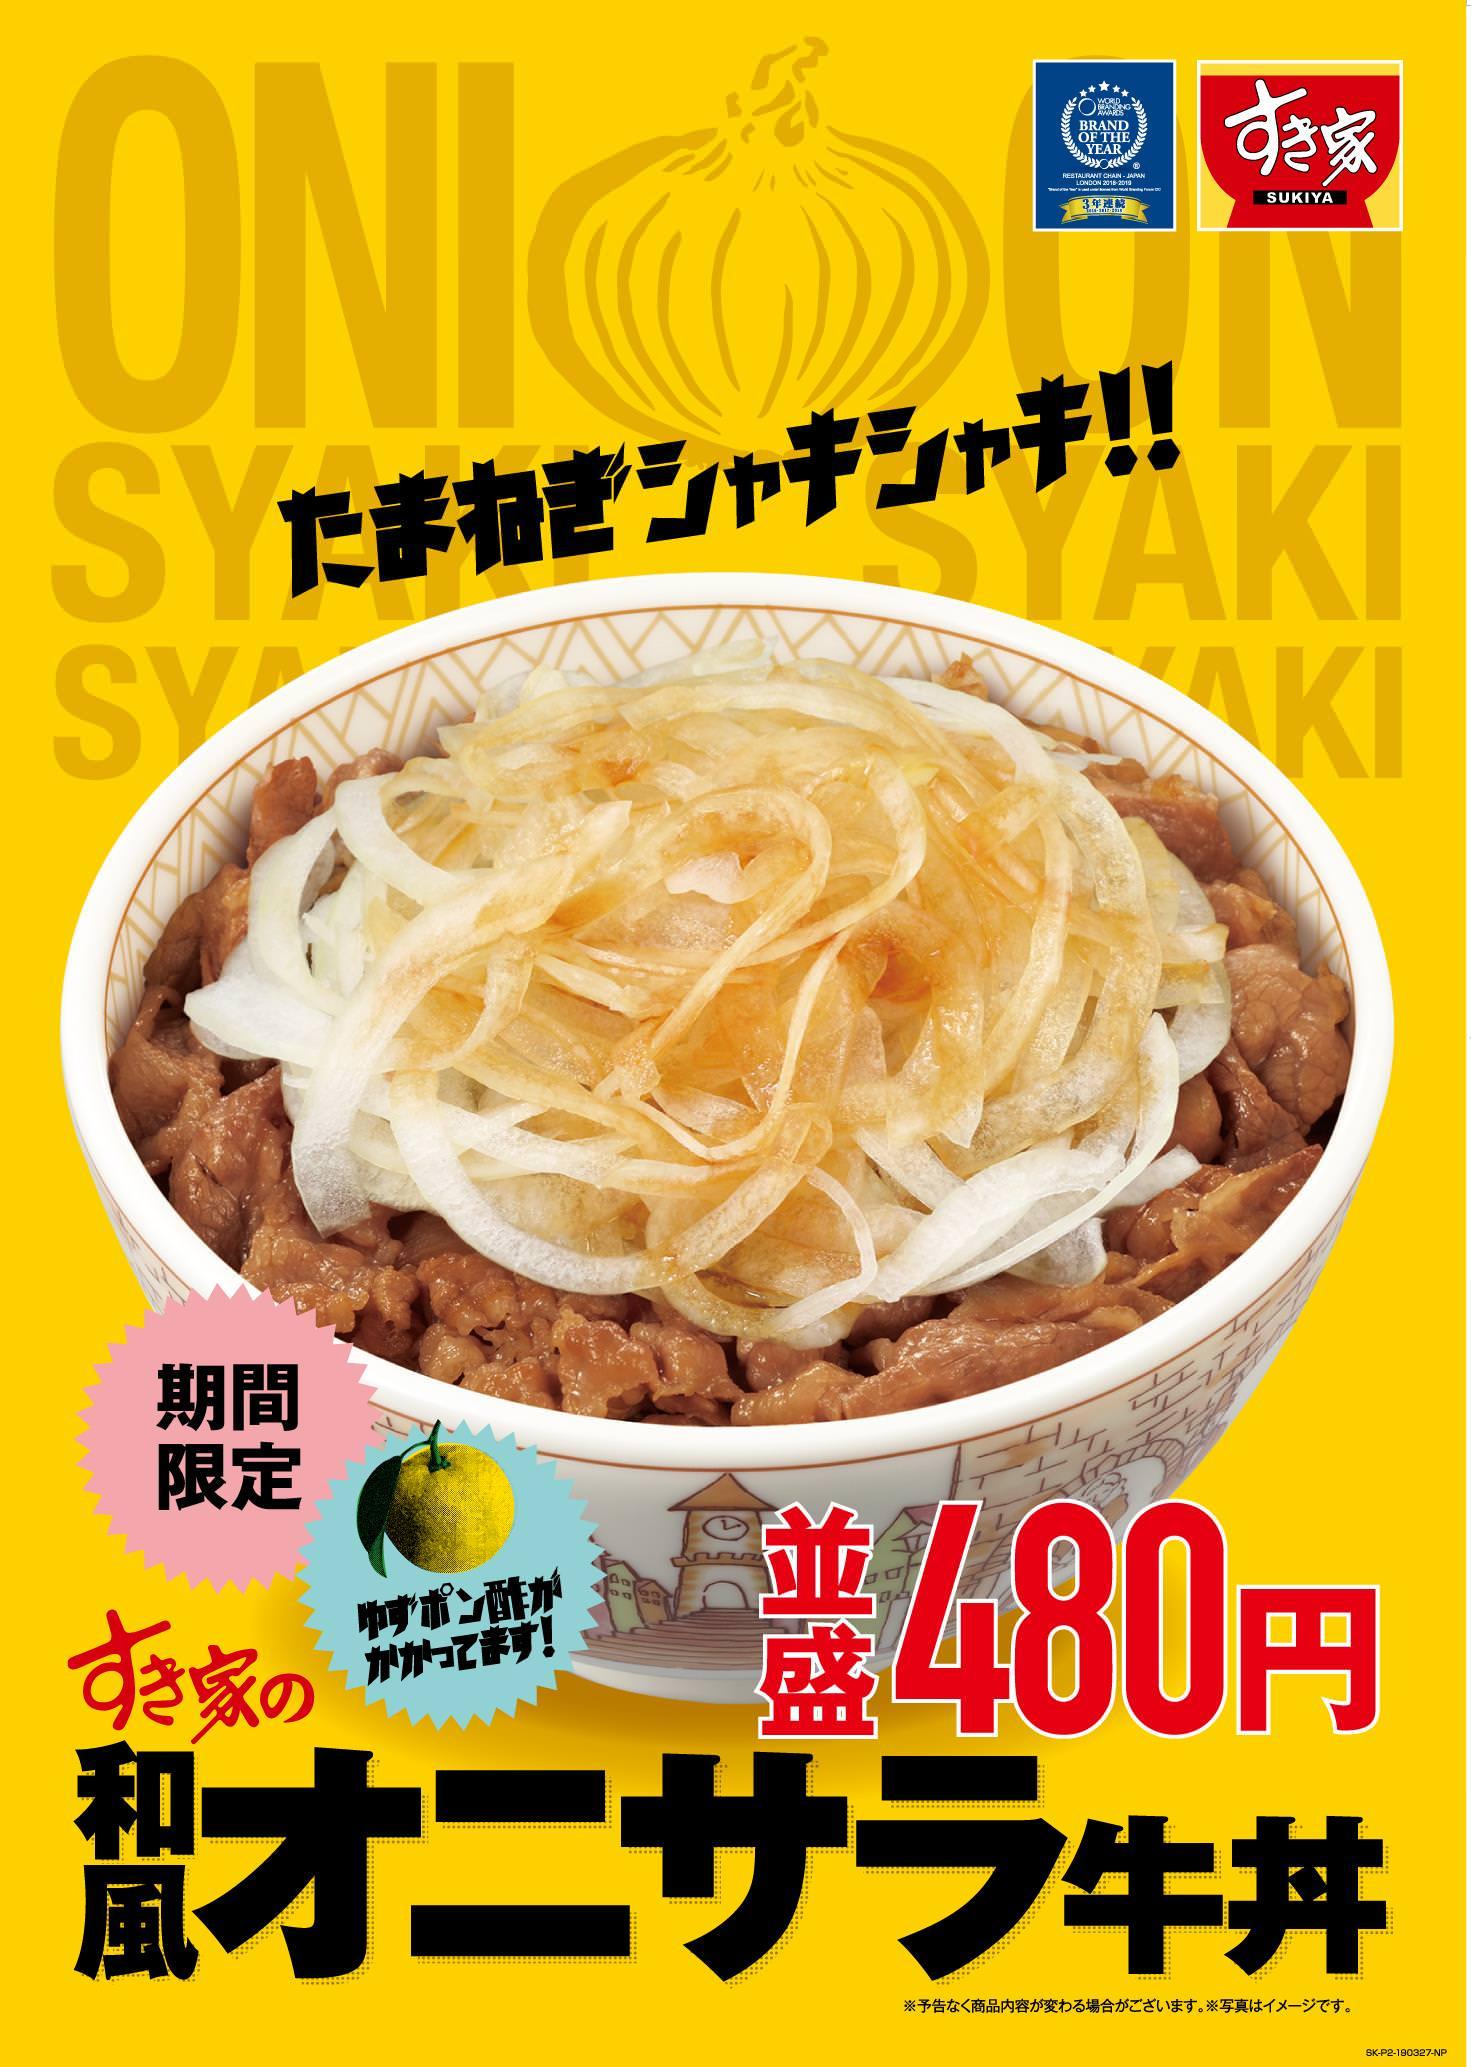 すき家、玉ねぎをたっぷりのせた『和風オニサラ牛丼』3月27日(水)発売